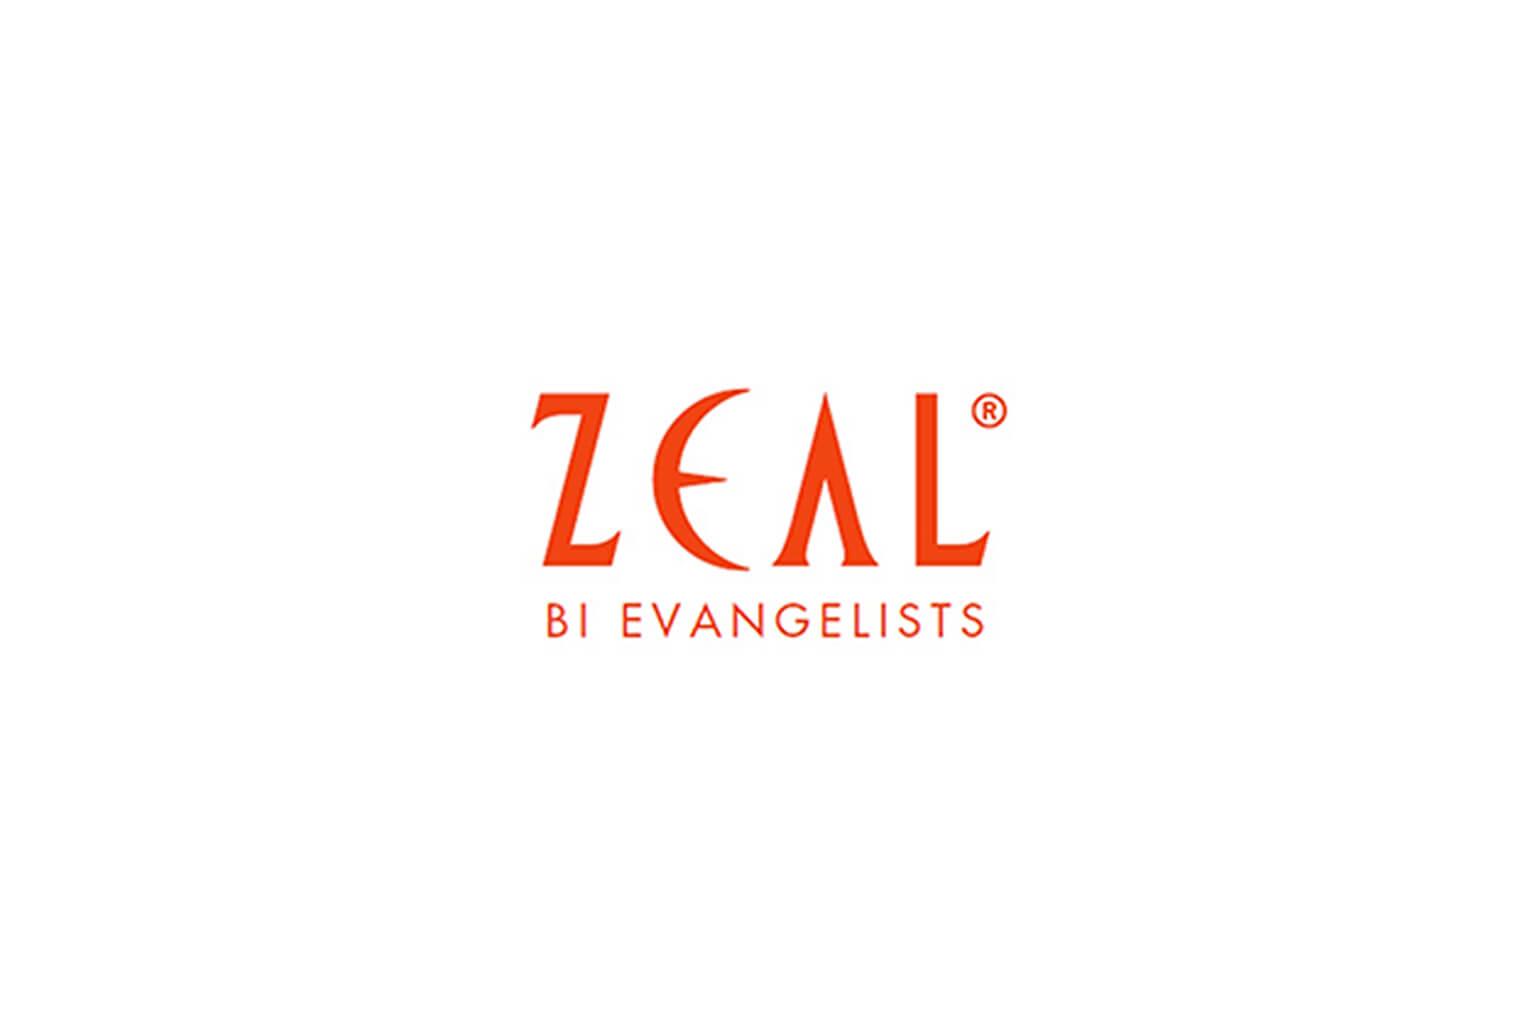 ZEAL Corporation